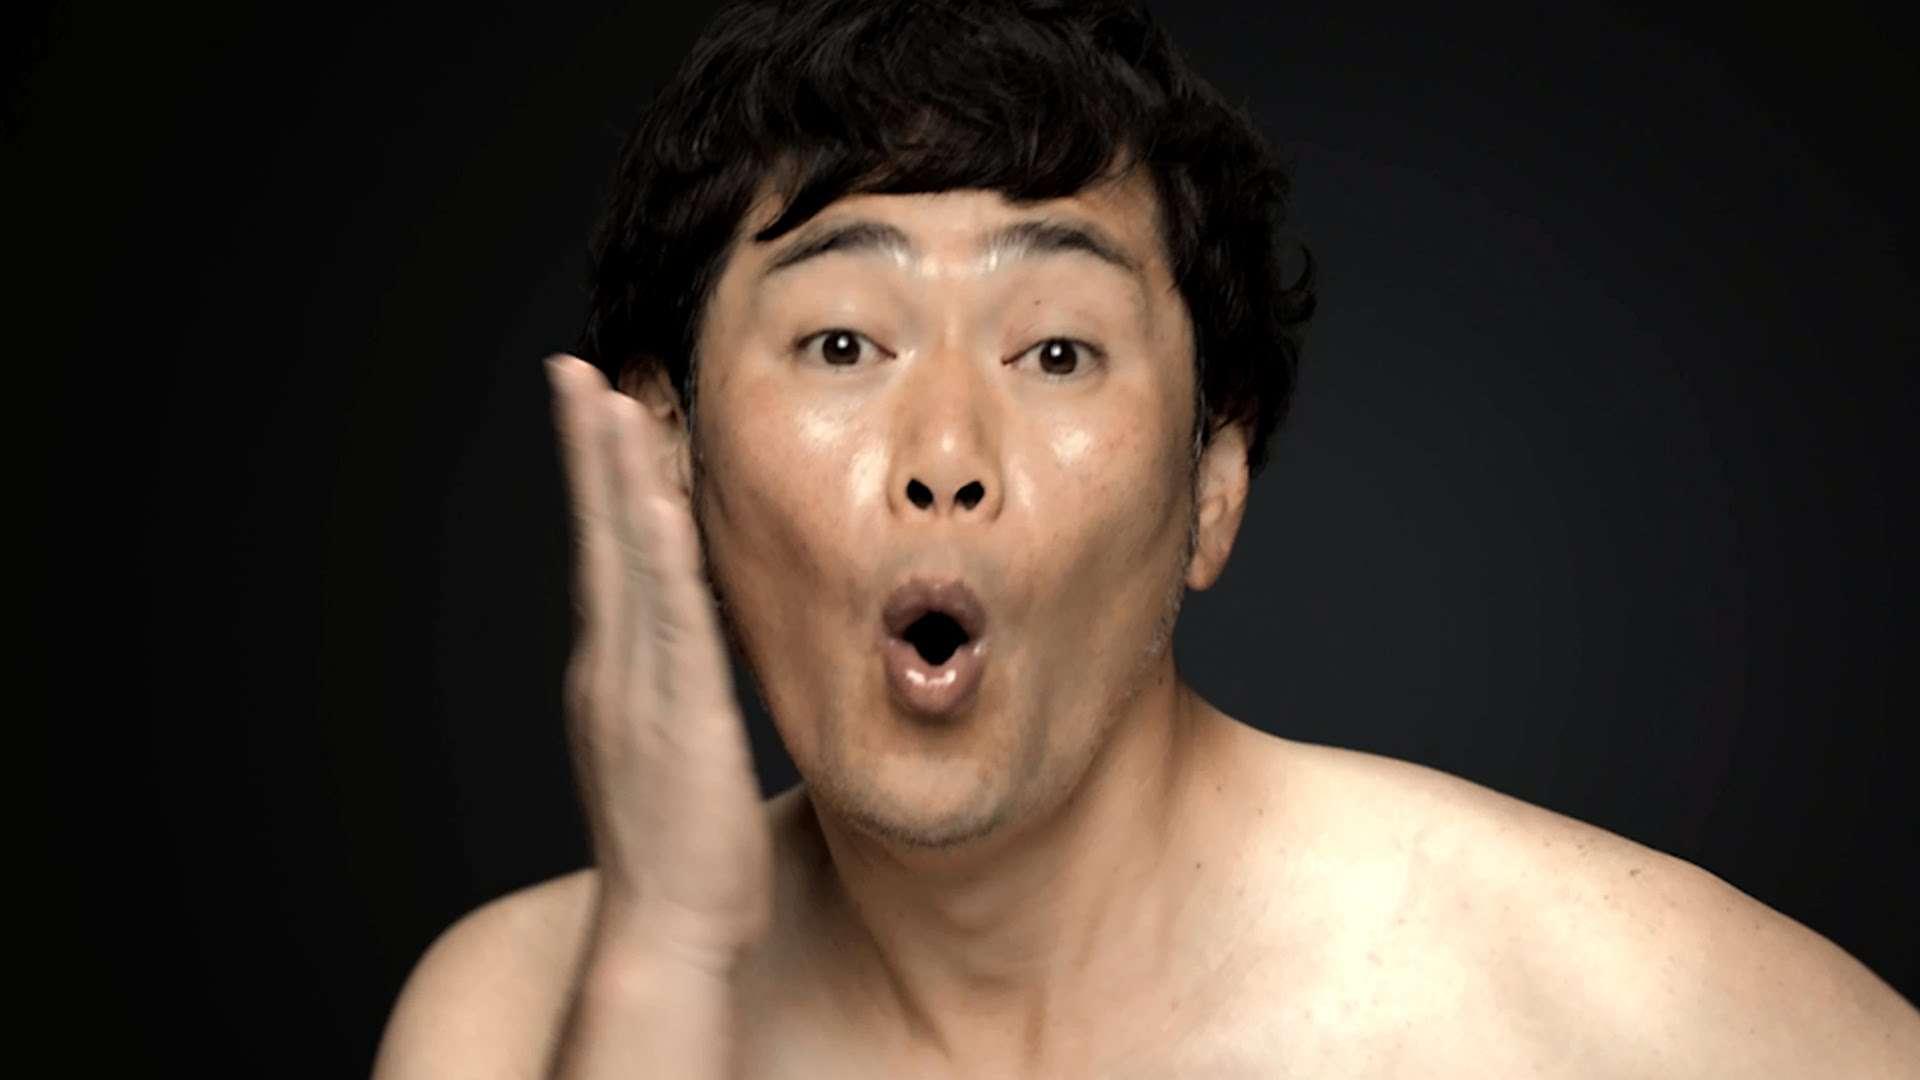 ココリコ遠藤、ライザップで肉体改造宣言 減量前のぽっちゃりお腹を披露 RIZAP新TVCM「宣言編」撮影風景 - YouTube